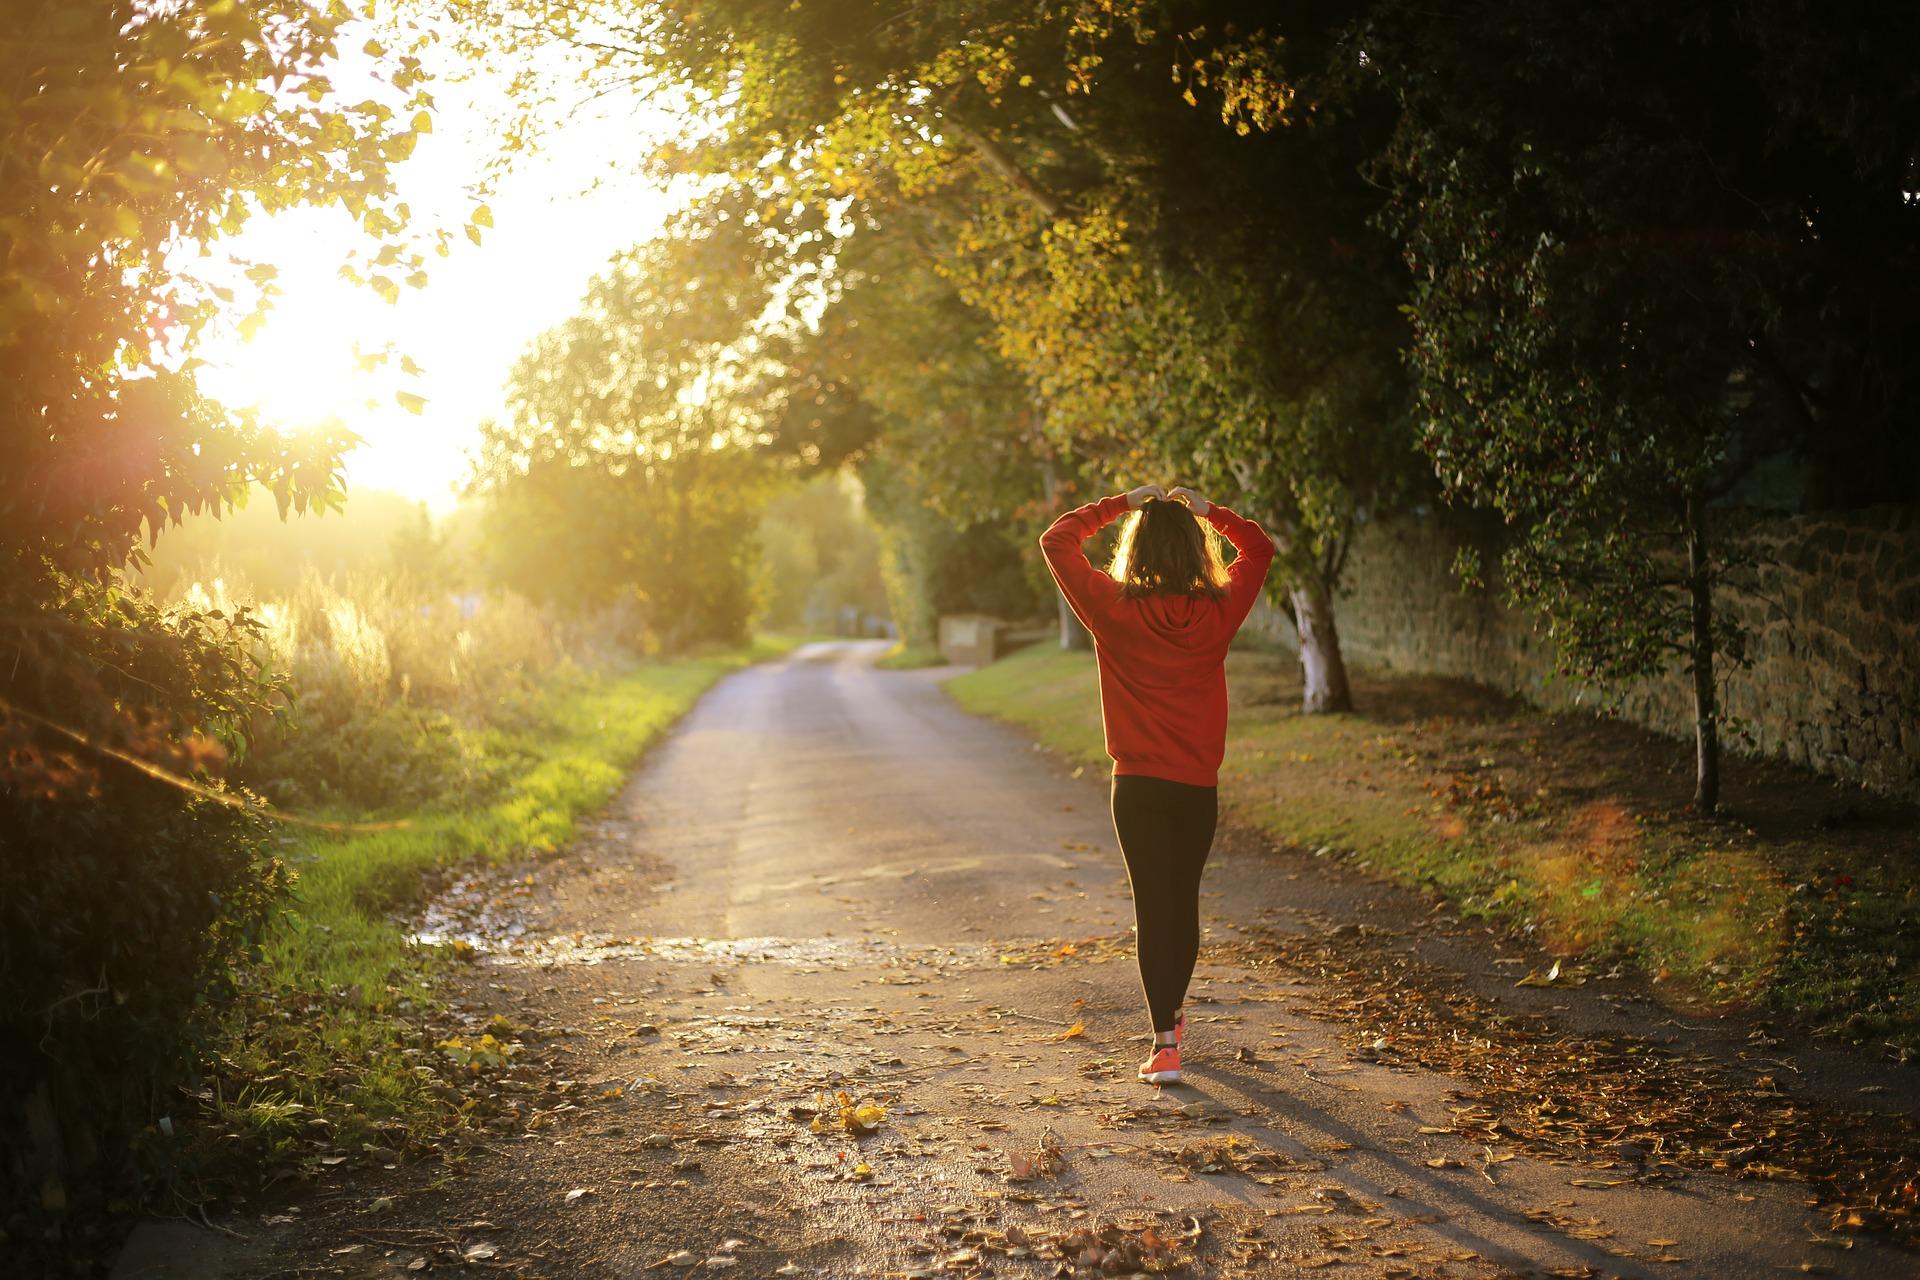 Persönlichkeitstest Detox Sport Natur Entgiften Entschlacken